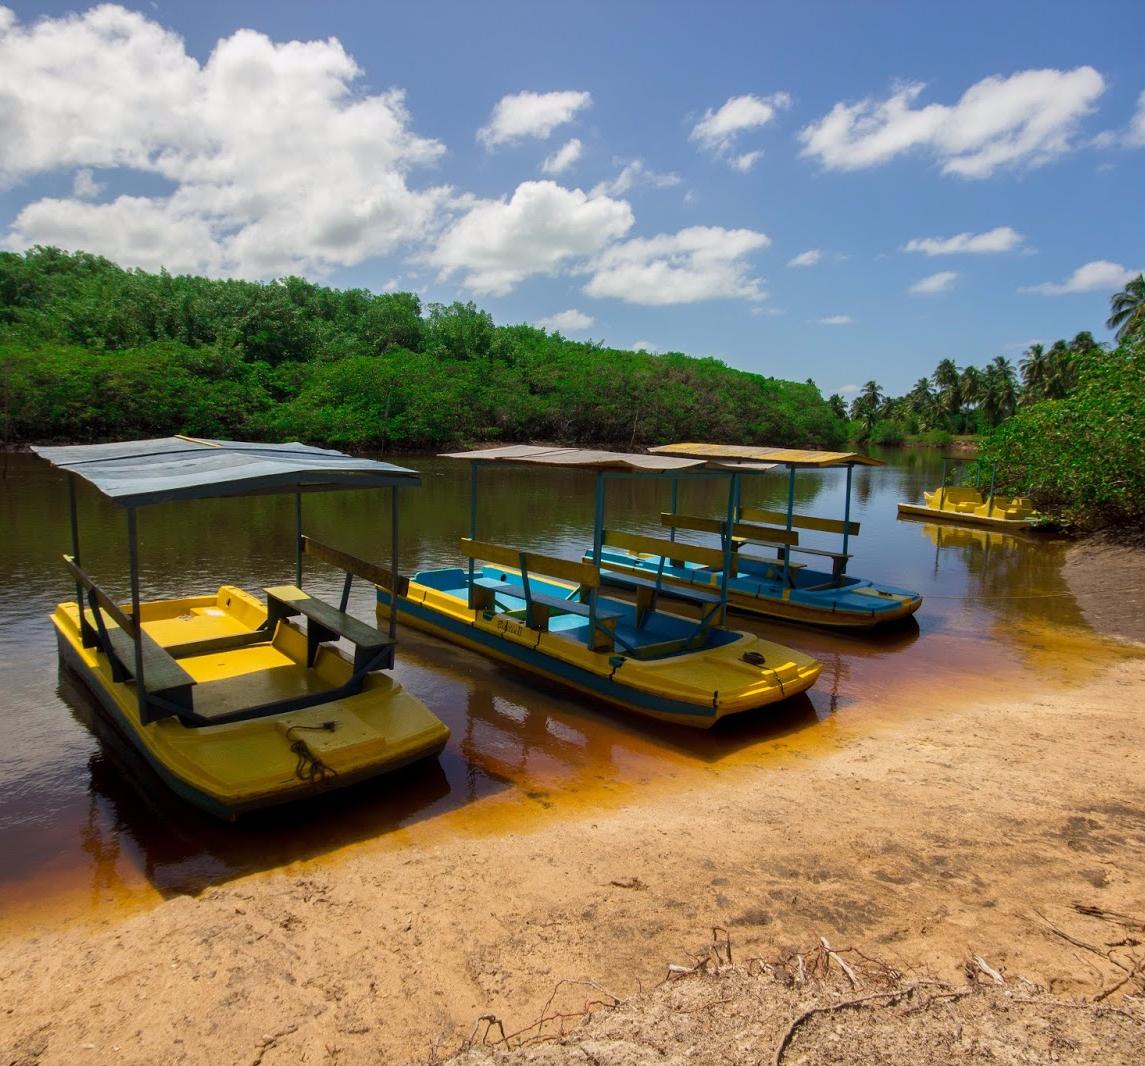 passeio-santuario-do-peixe-boi Maragogi o Caribe Brasileiro | Lua de Mel